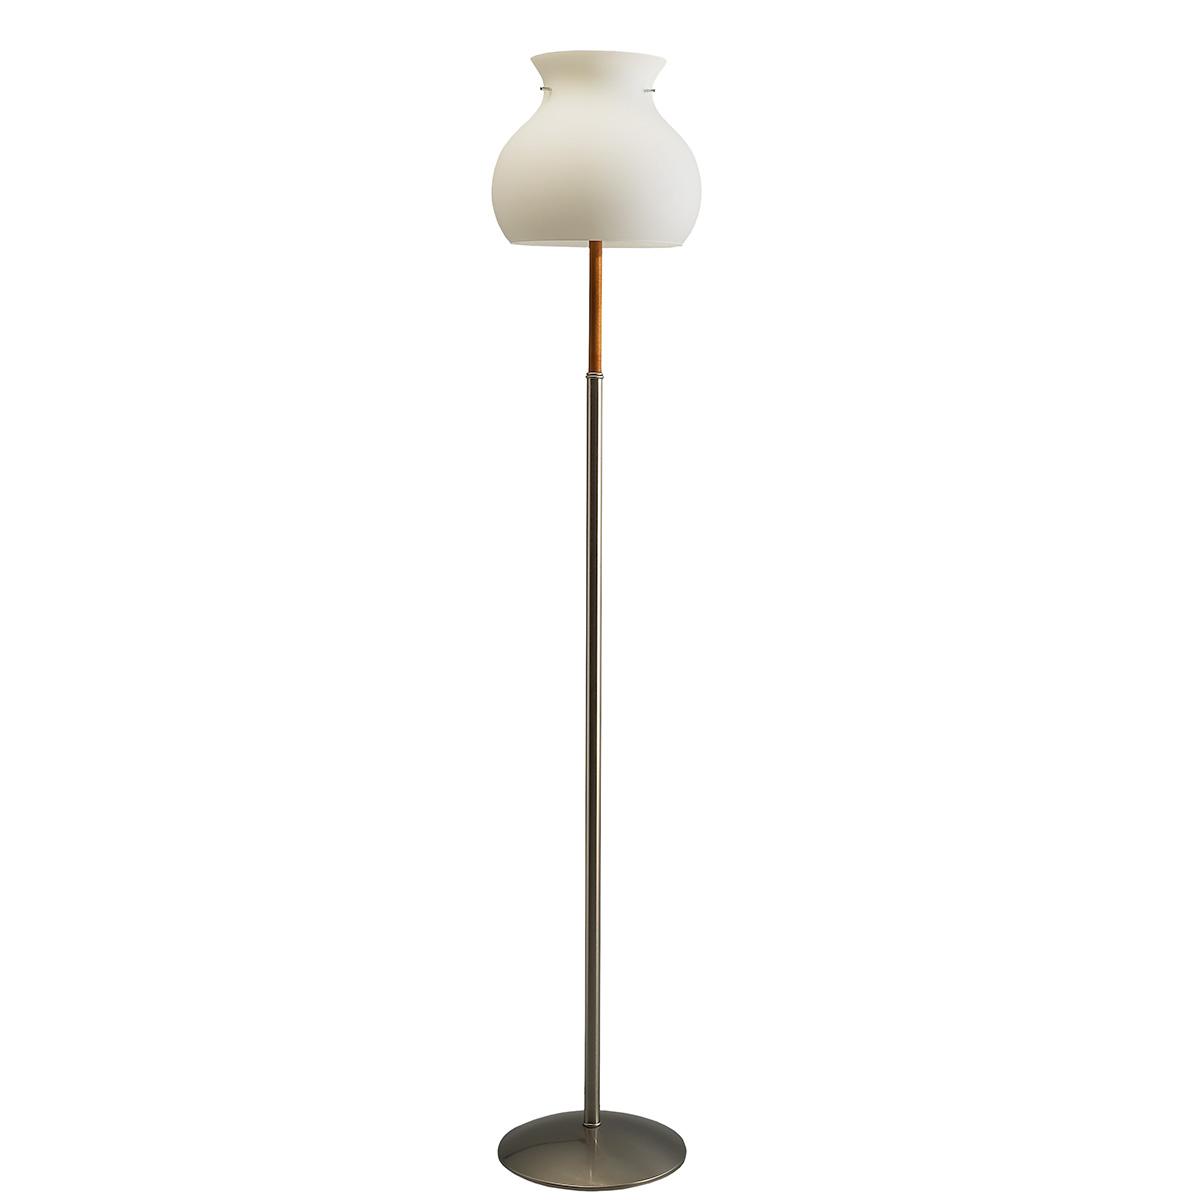 Φωτιστικό δαπέδου Μουράνο GLOBO murano floor lamp